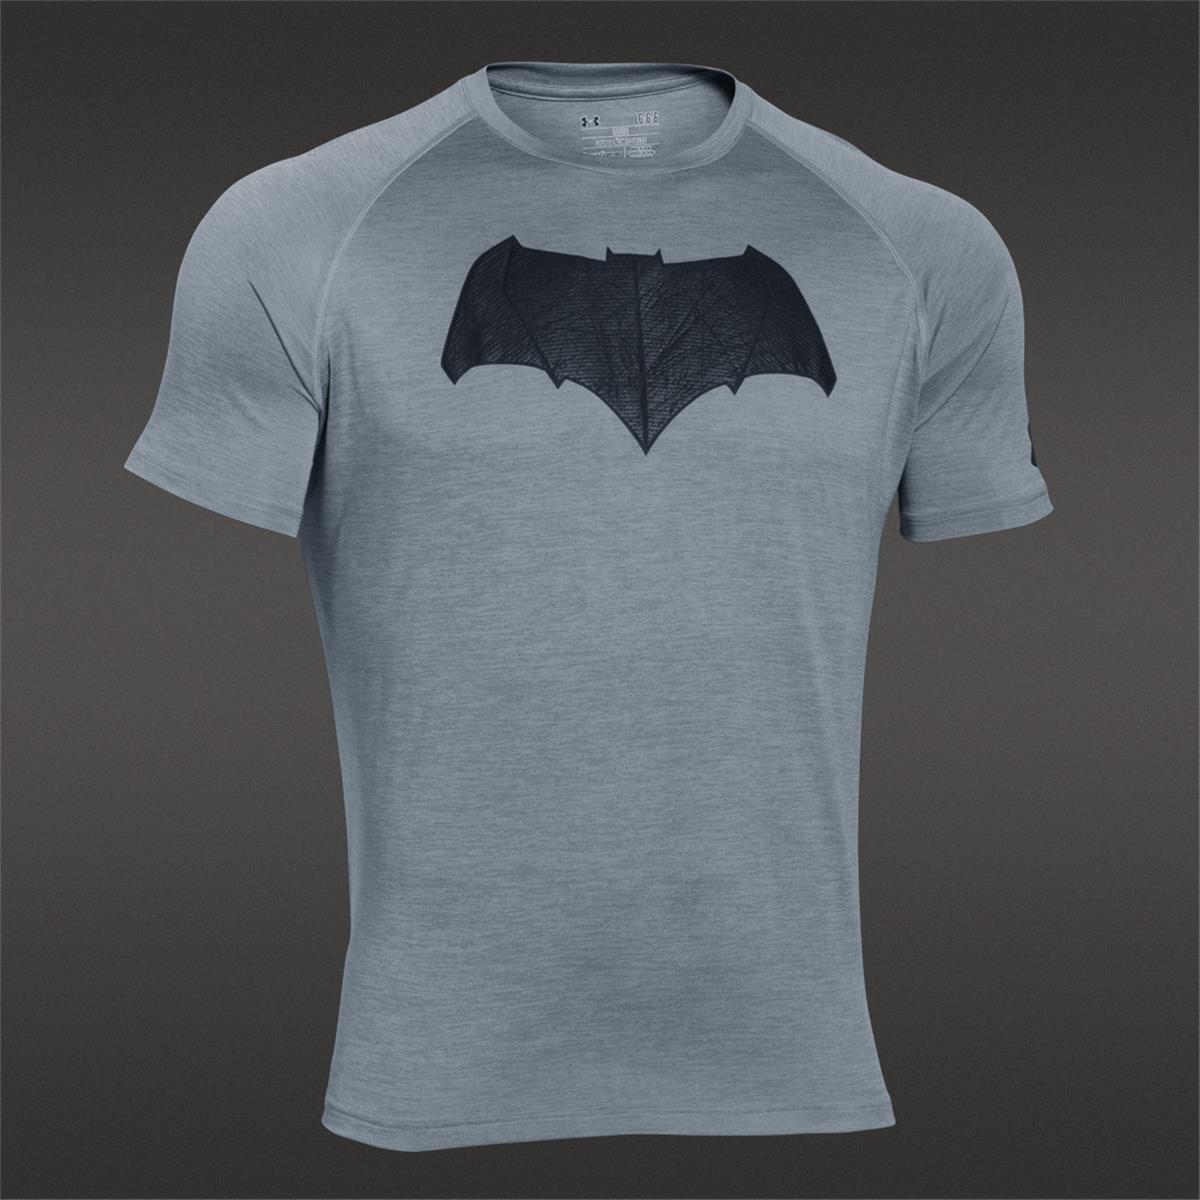 Topmoderne Mens Under Armour Alter Ego Batman T Shirt | Azərbaycan Dillər VJ-51